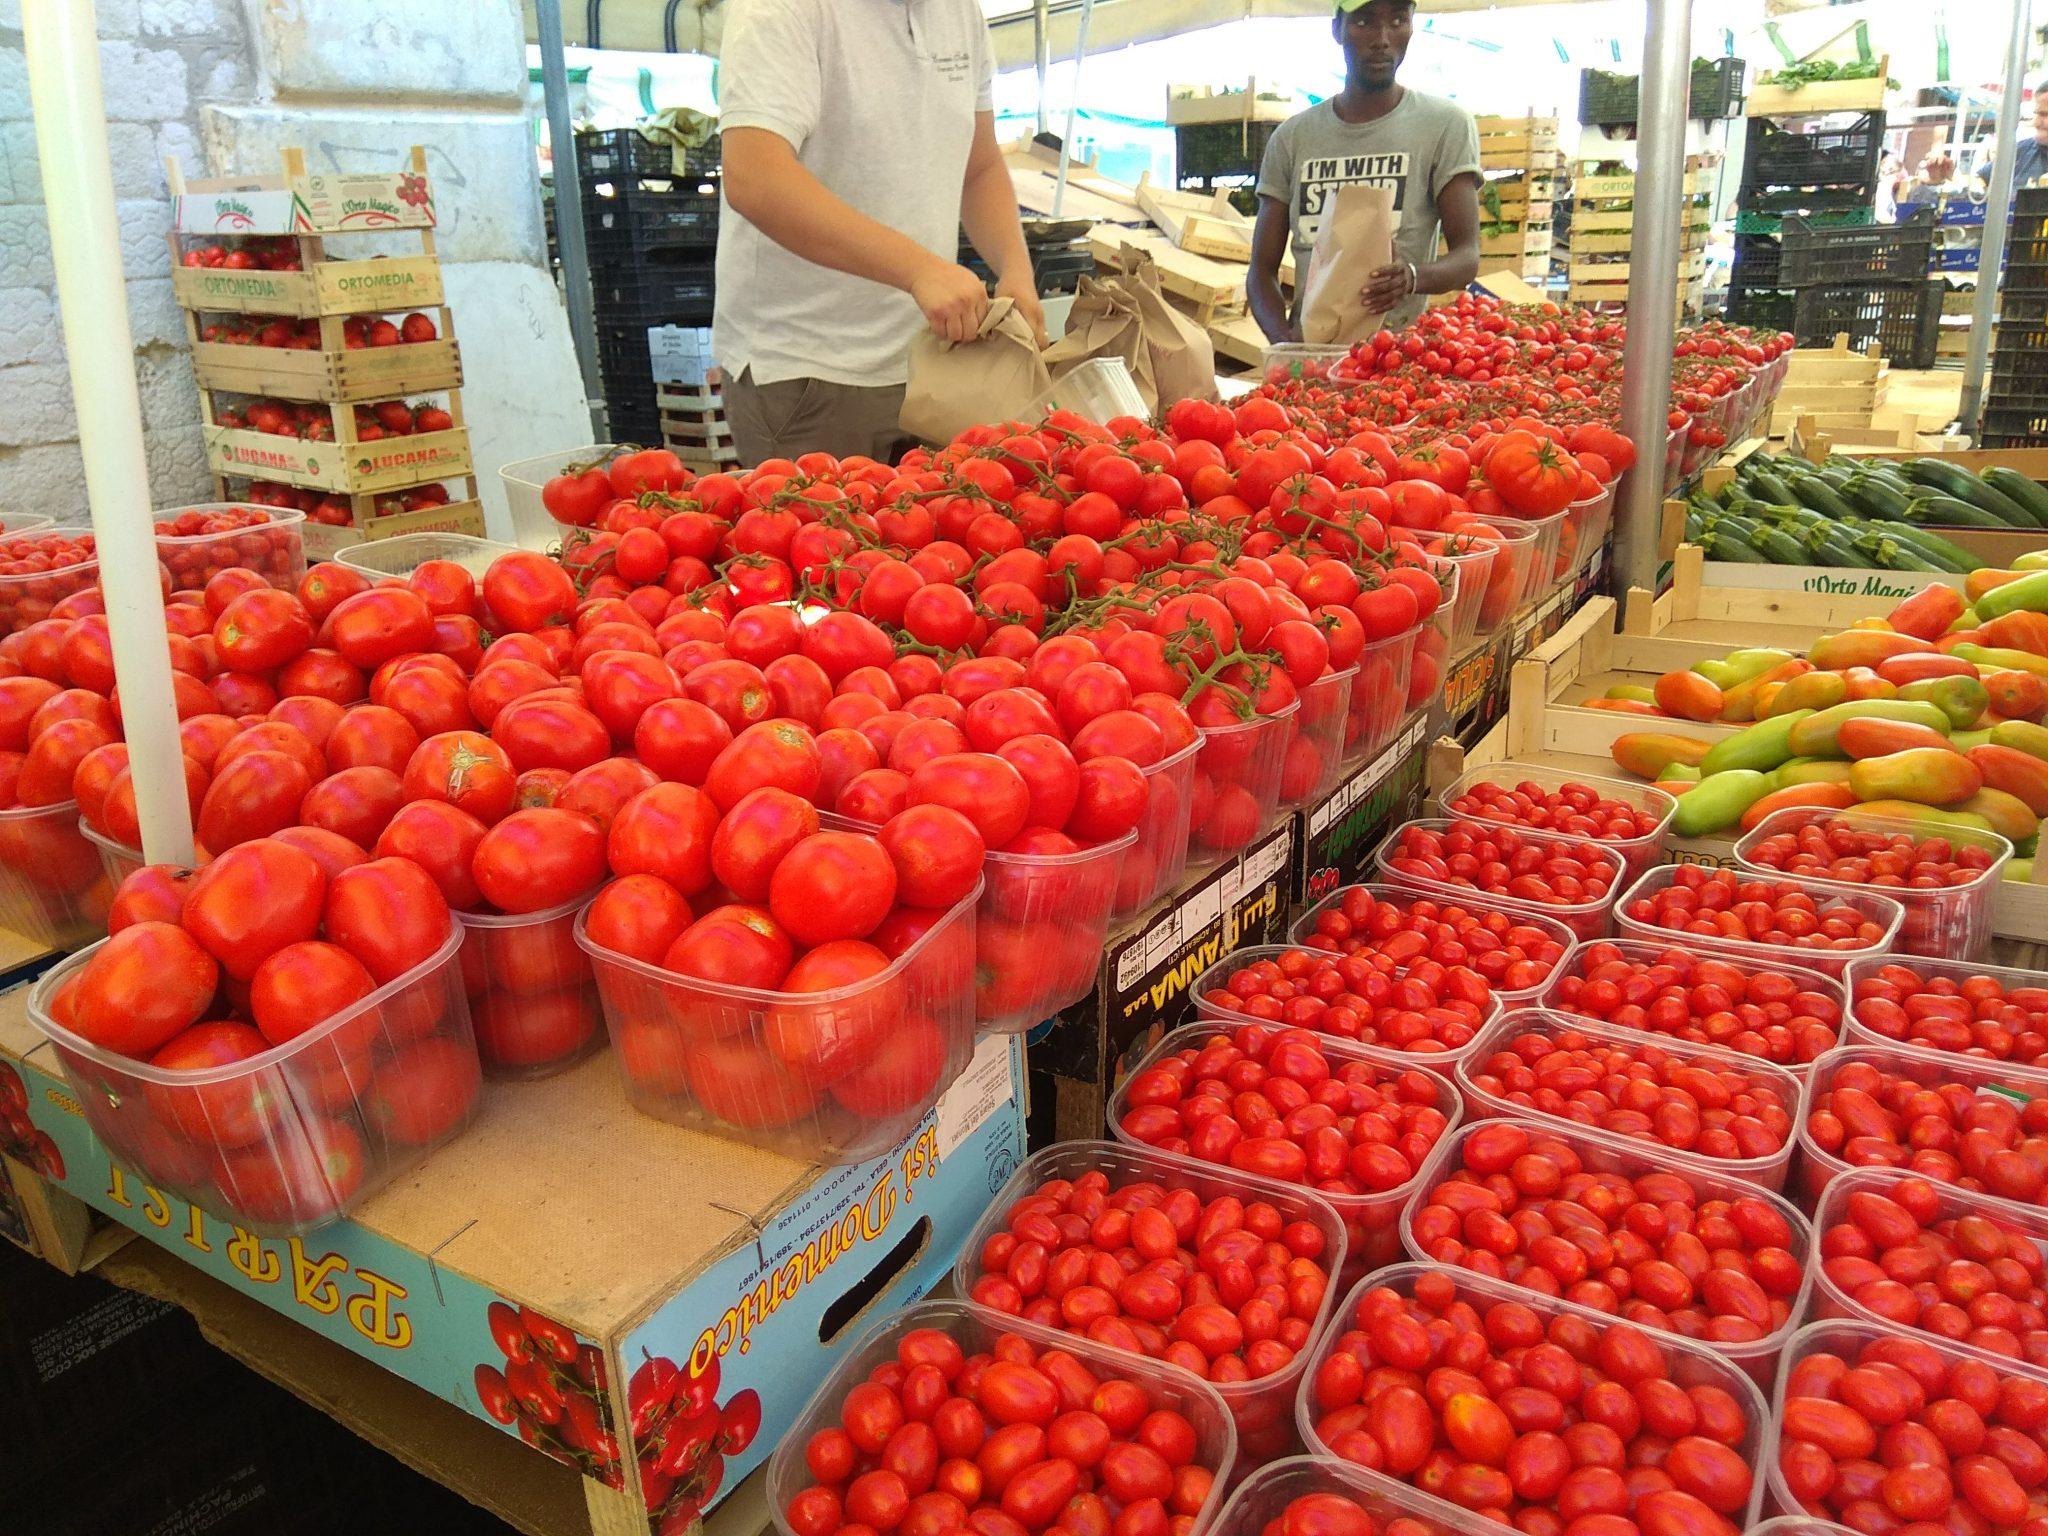 Img post Mercado Siracusa. Comer en Siracusa - Pasaporte y Millas